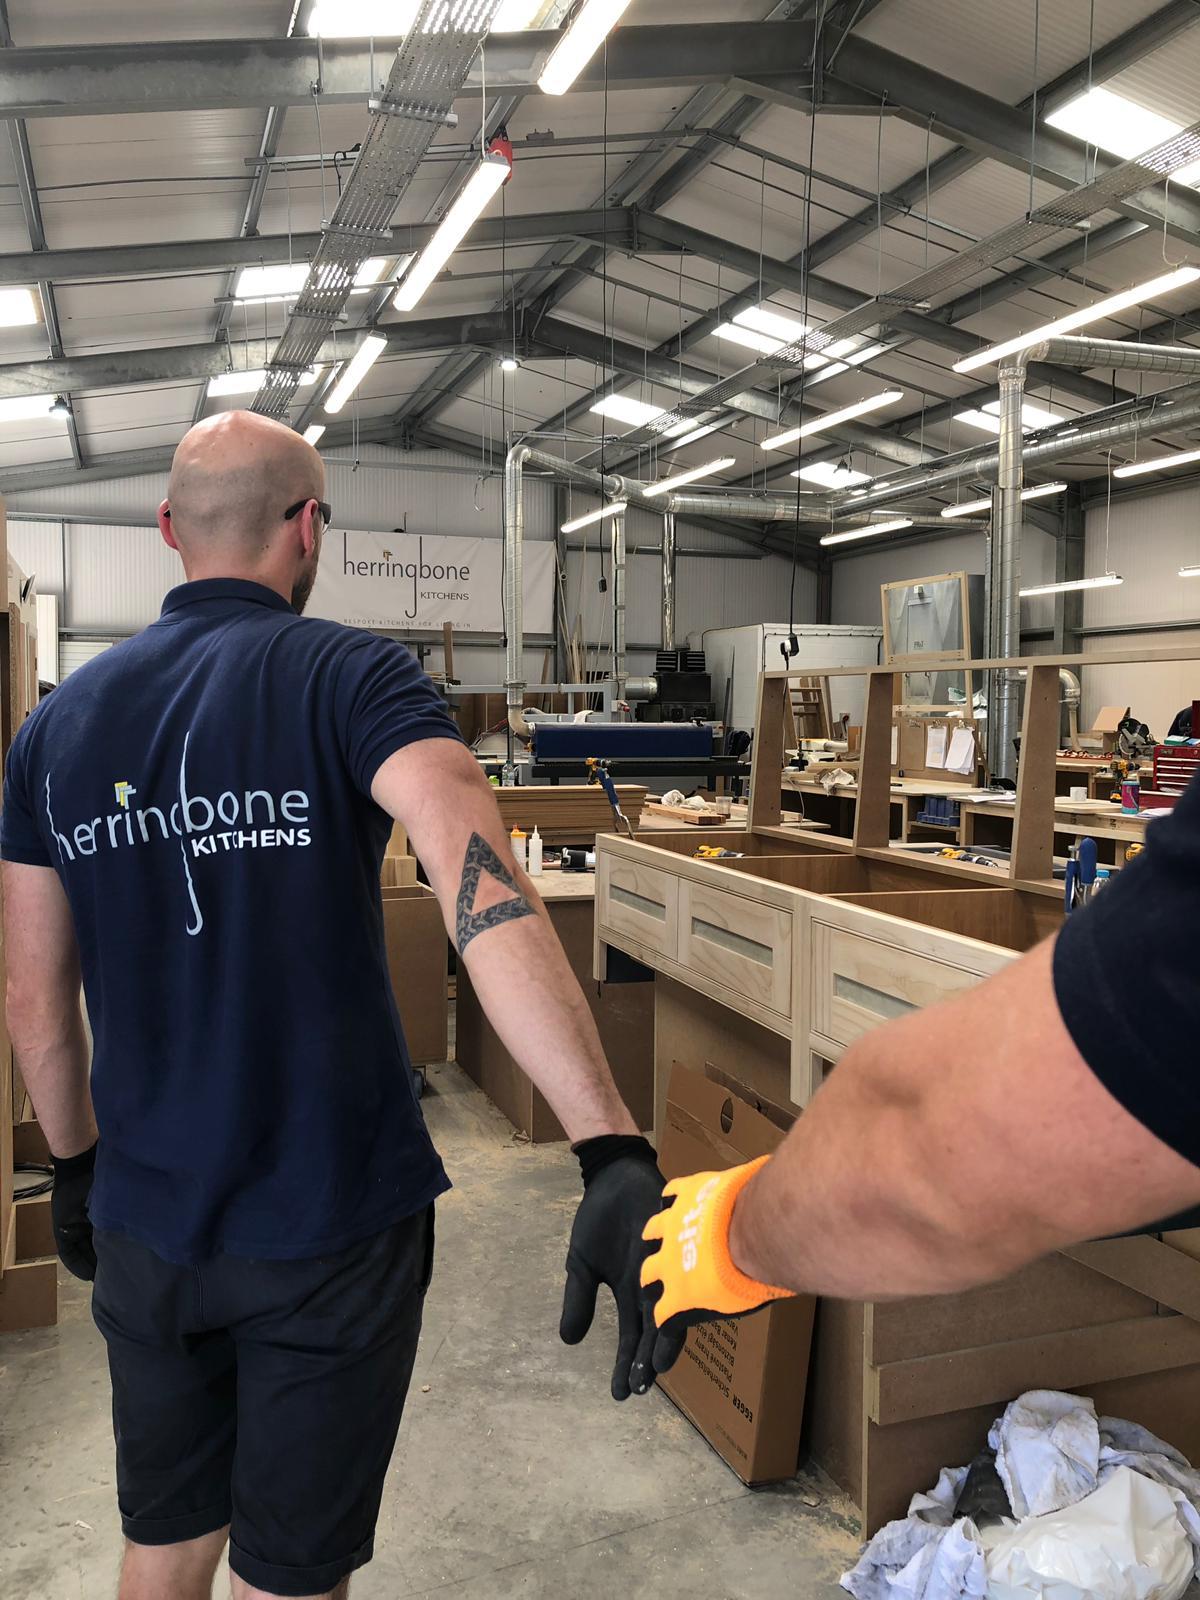 Herringbone Kitchens Join the Team